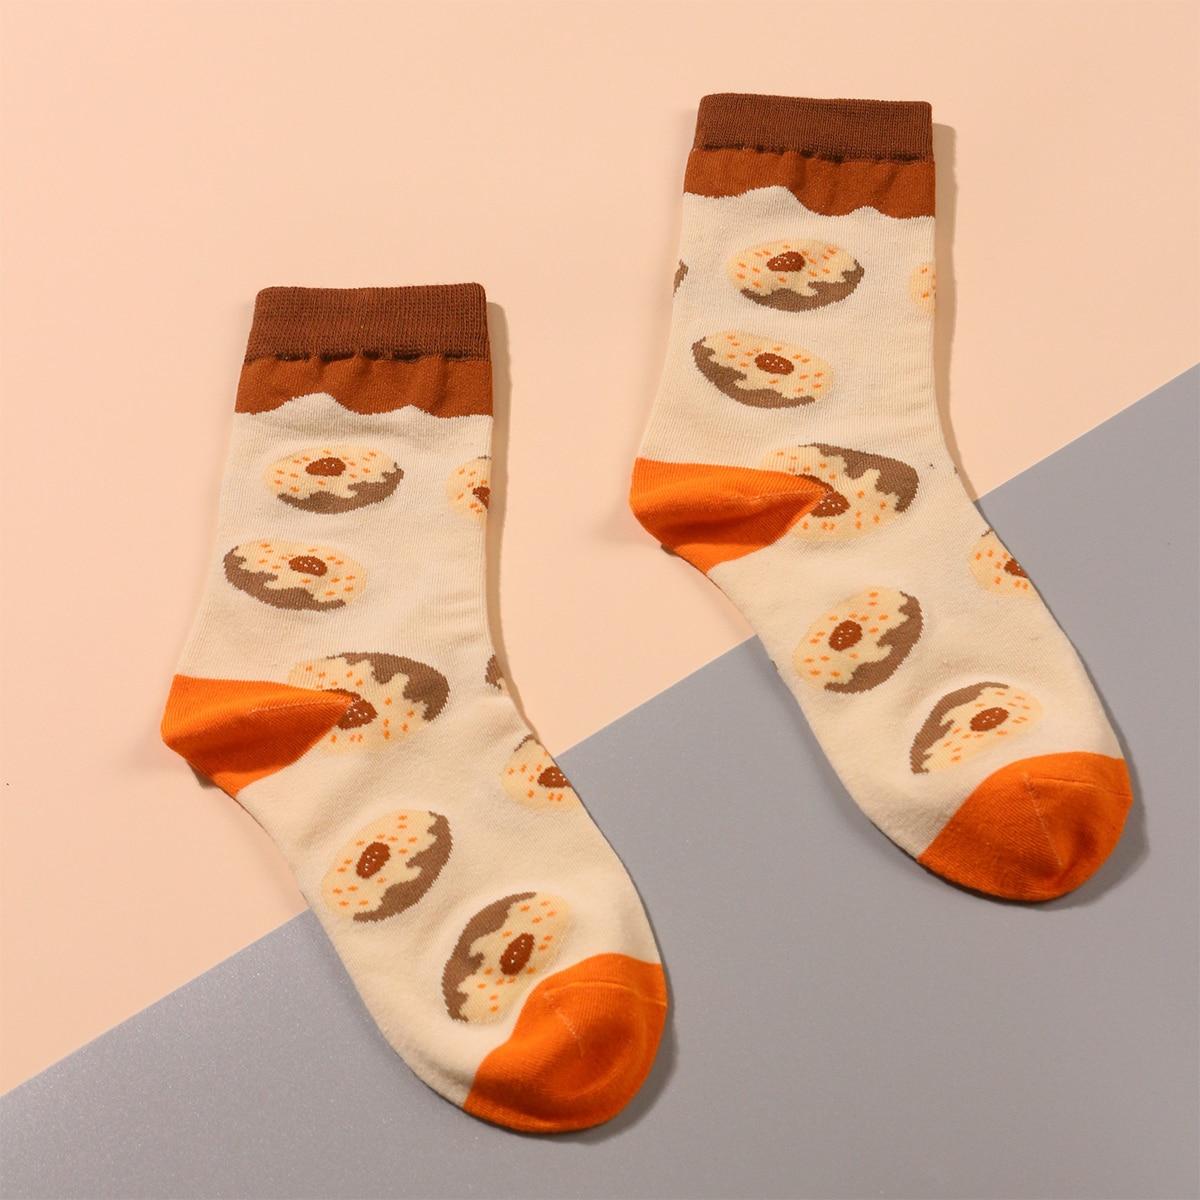 SHEIN / Socken mit Donuts Muster